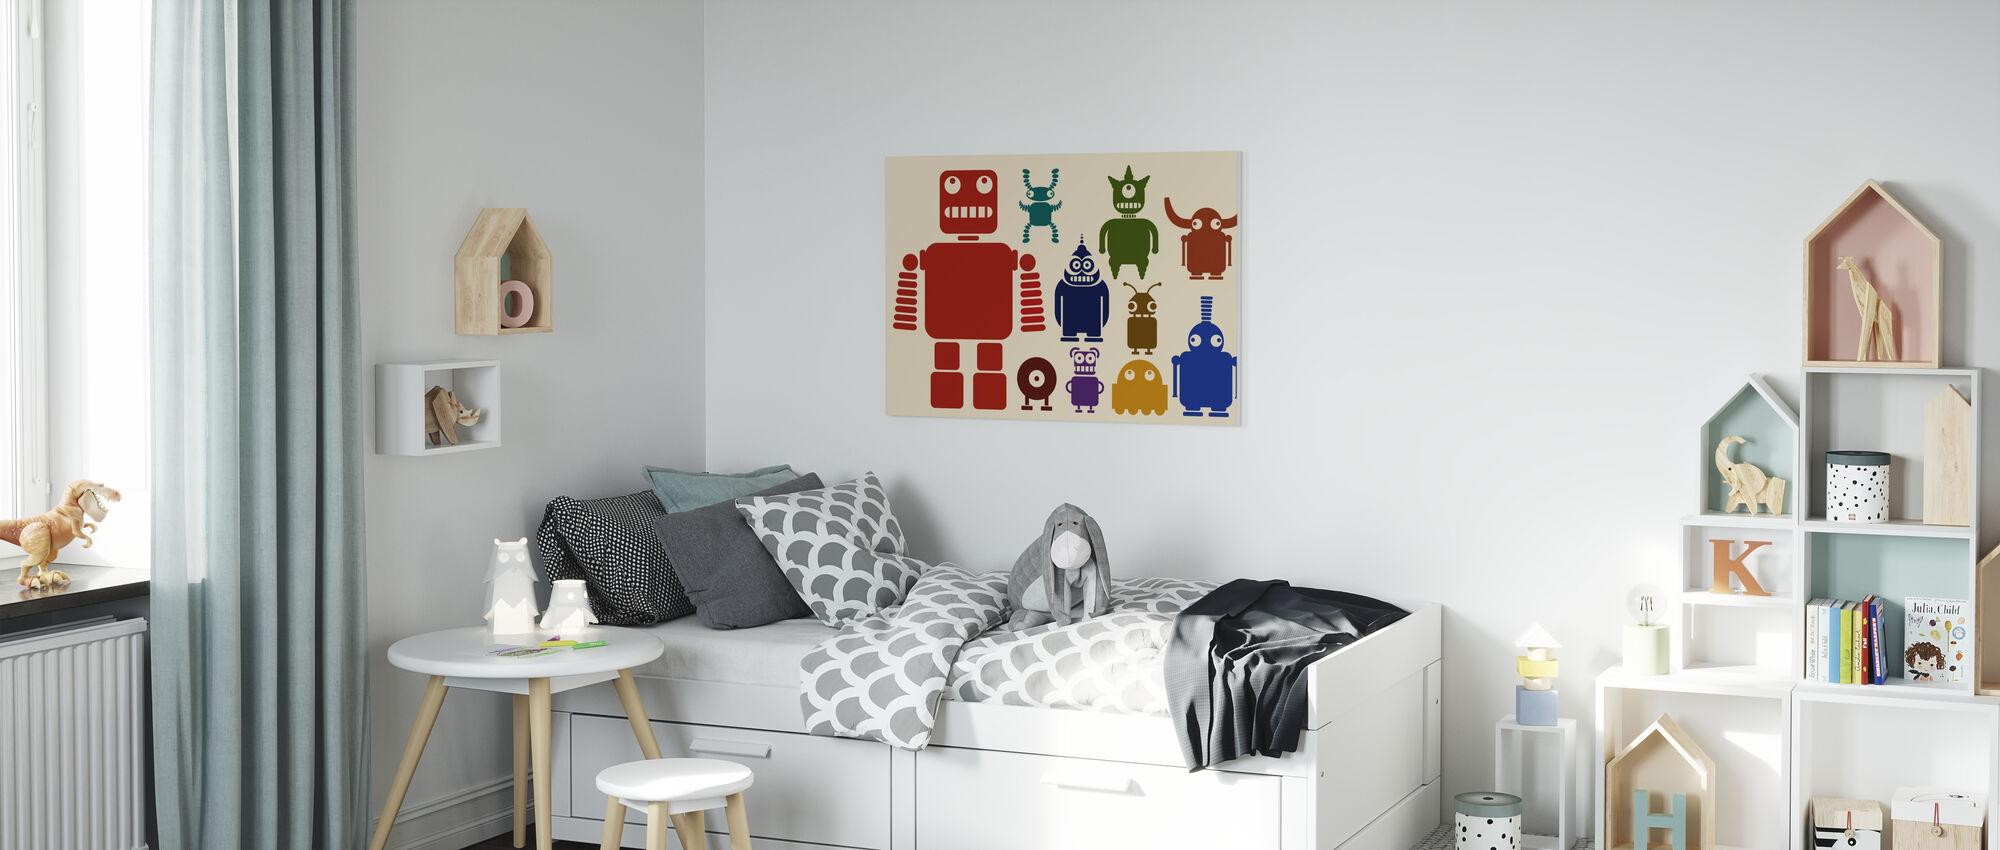 Équipe de Robots - Impression sur toile - Chambre des enfants